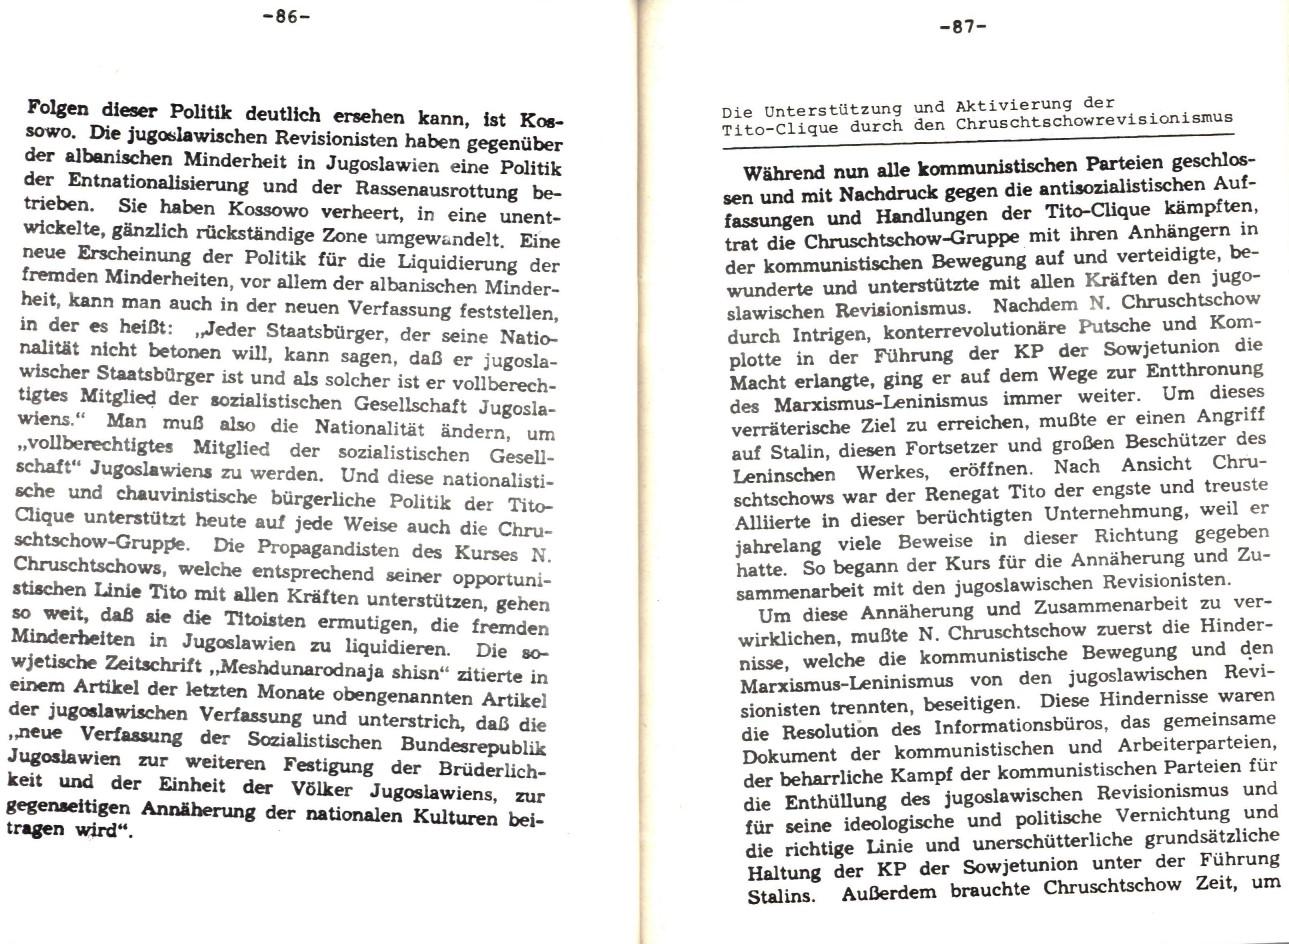 MLSK_Theorie_und_Praxis_des_ML_1979_24_45